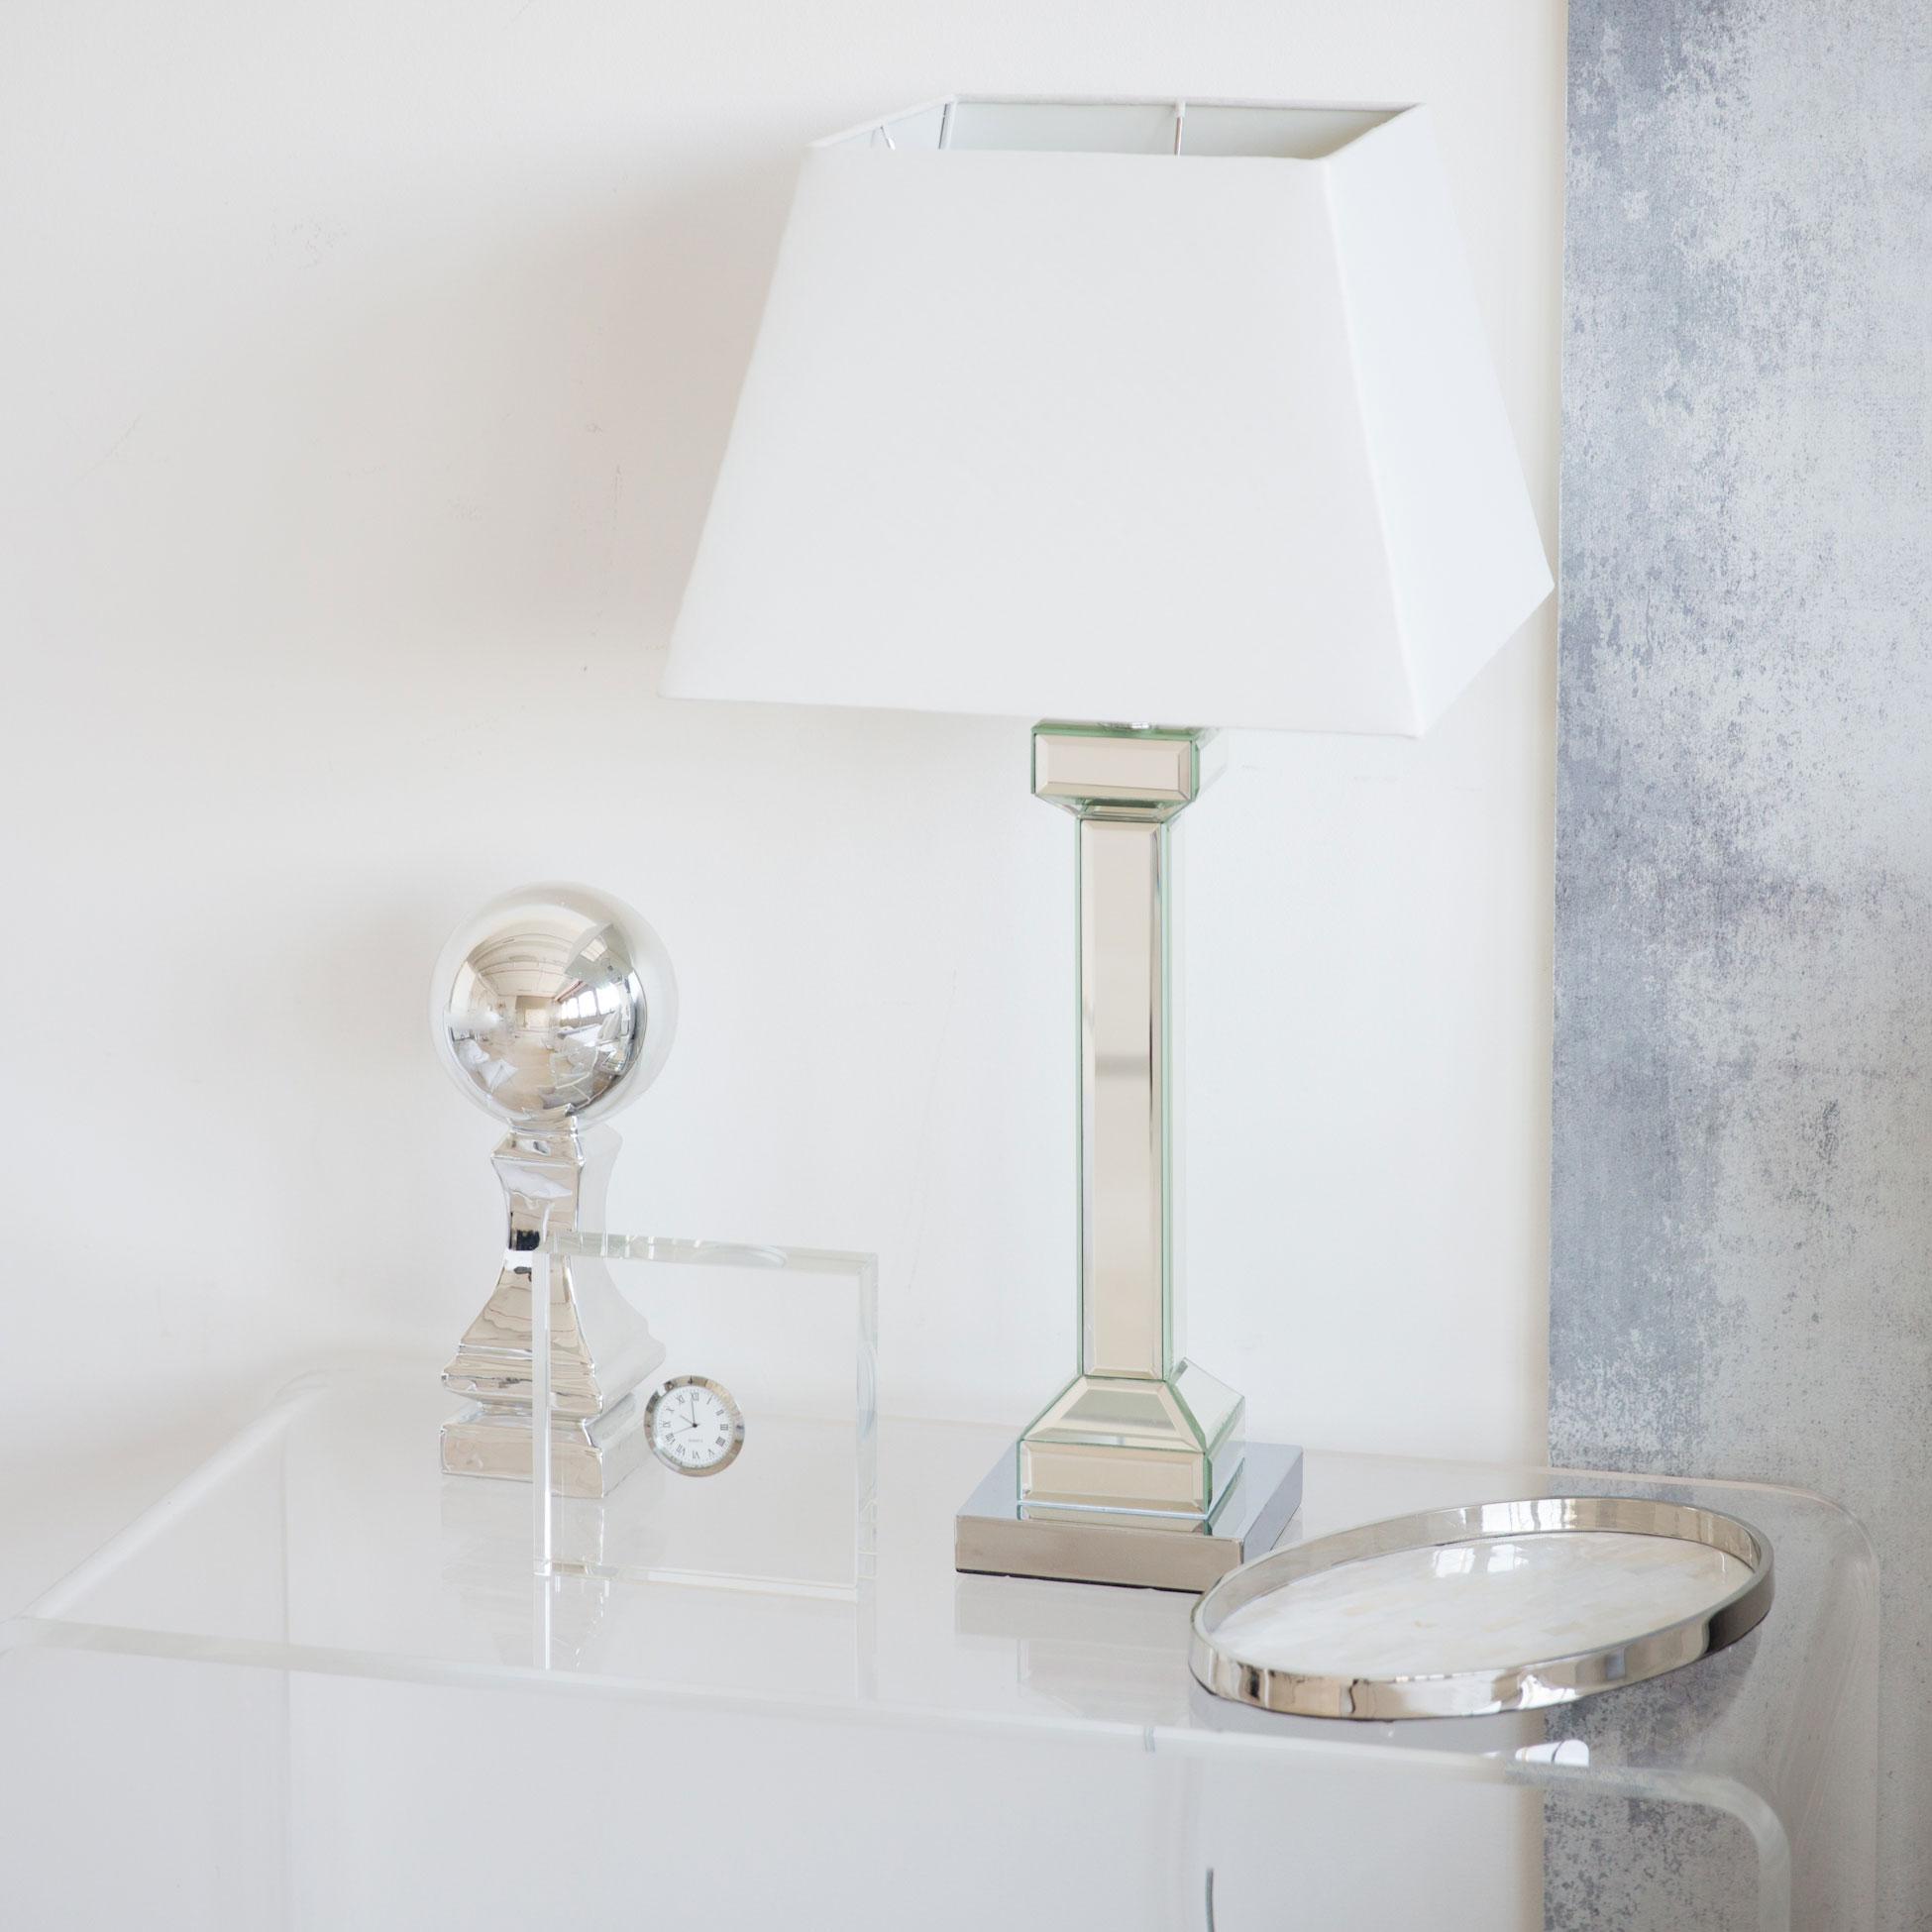 Mirrored lamp from Zara Home